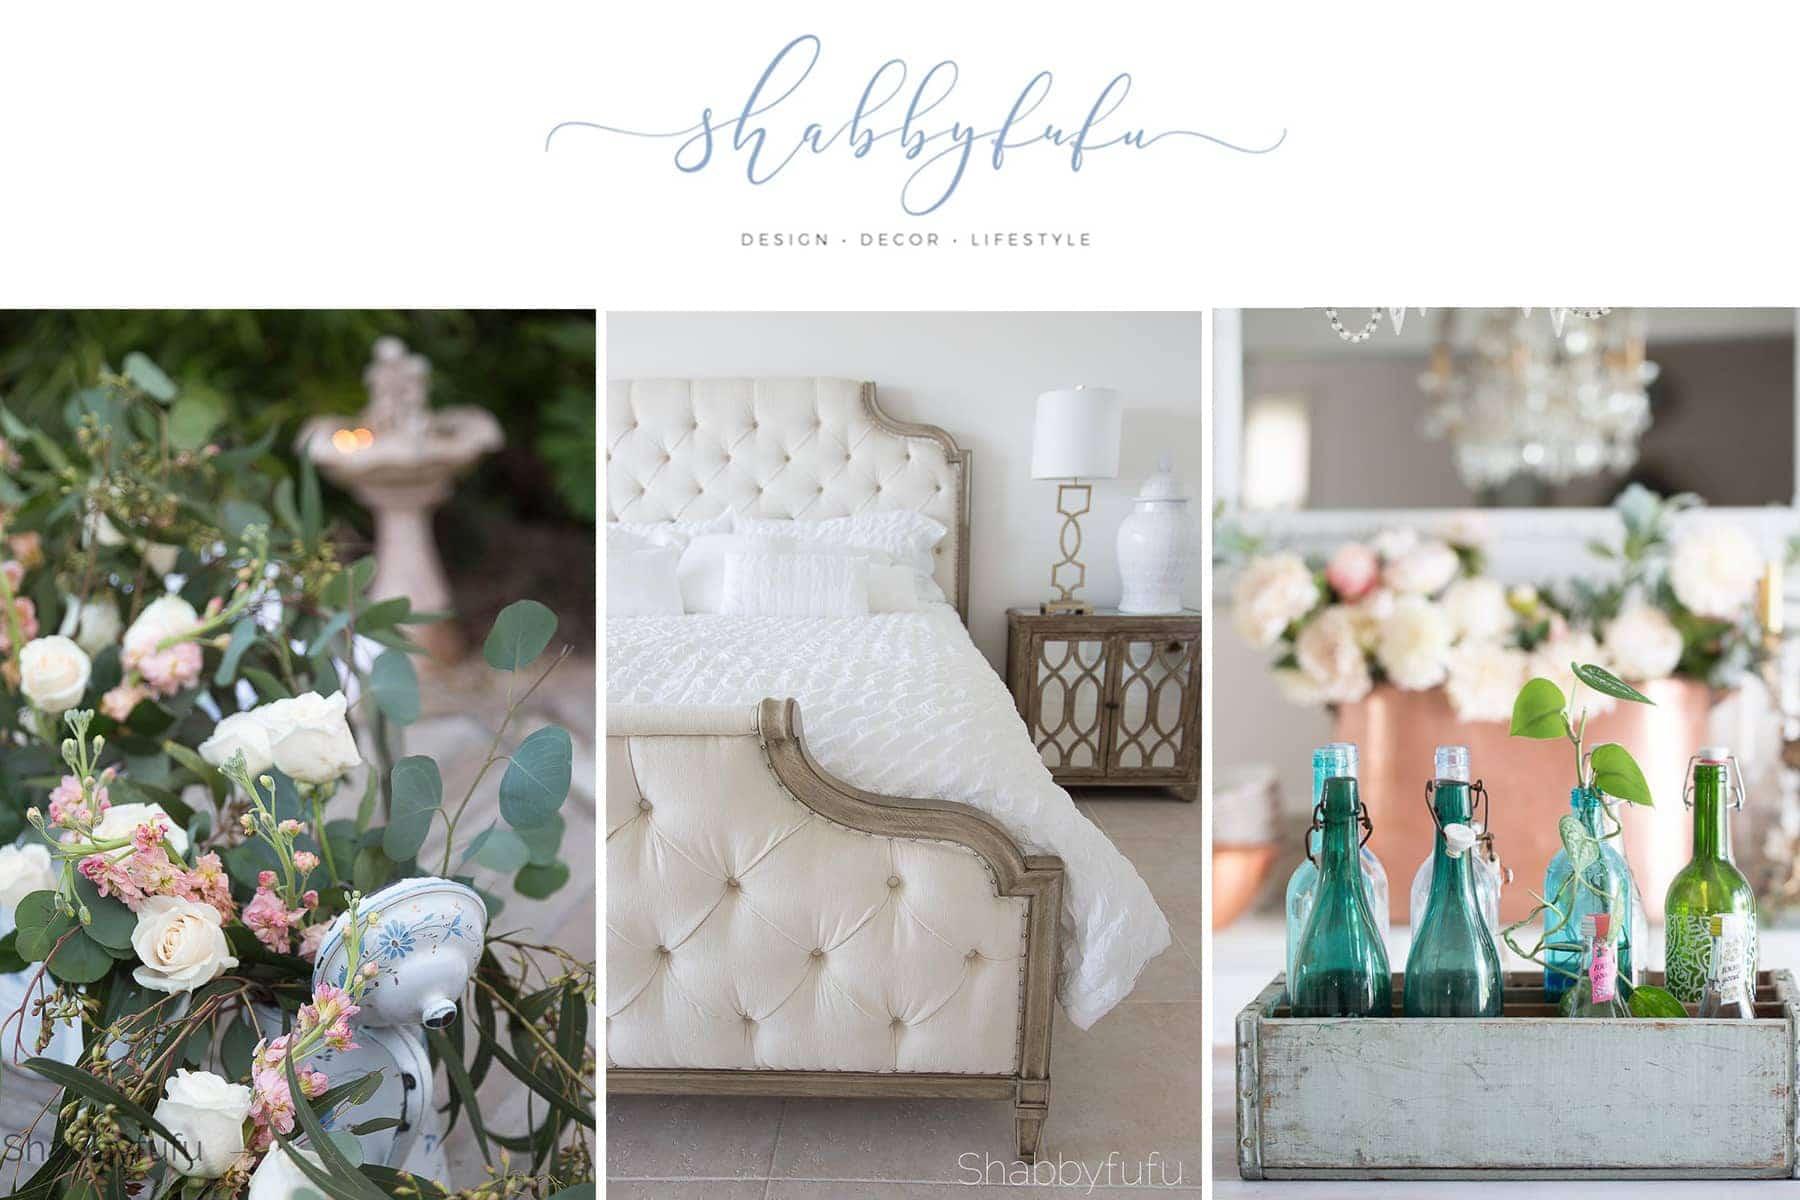 Style-Showcase-81-Shabbyfufu